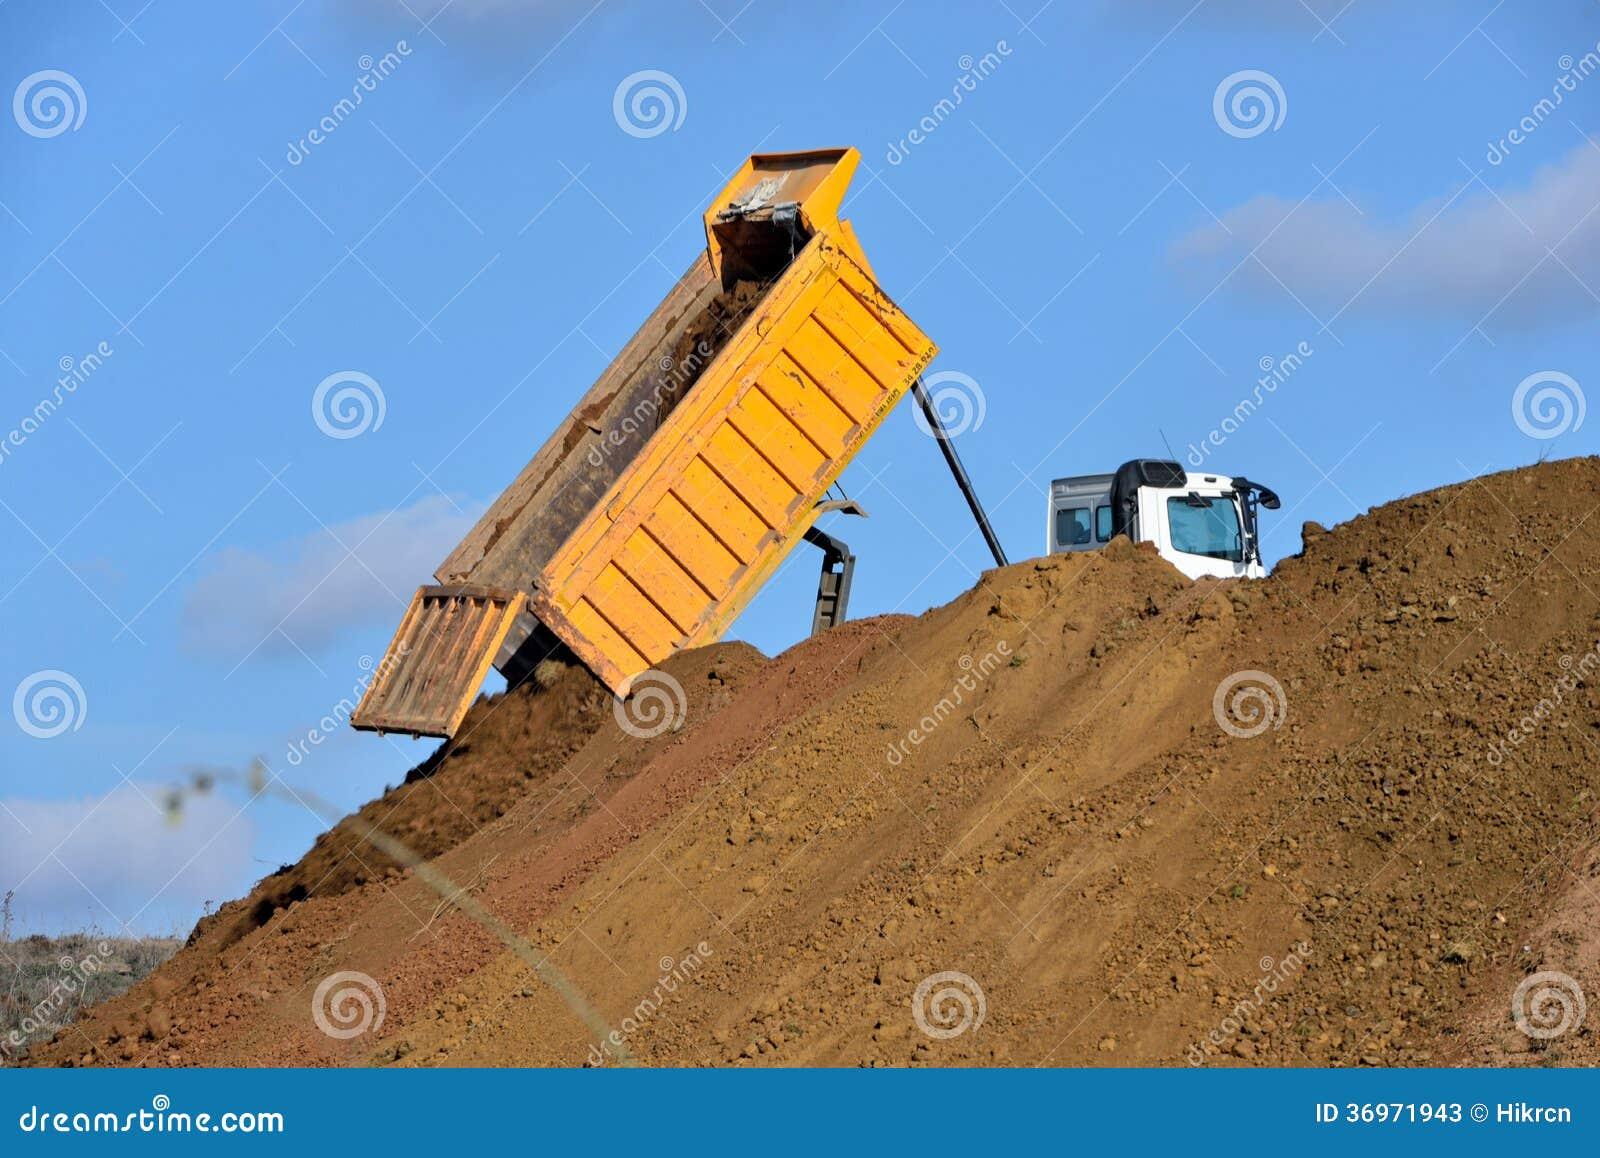 Dump truck unloading soil during road works